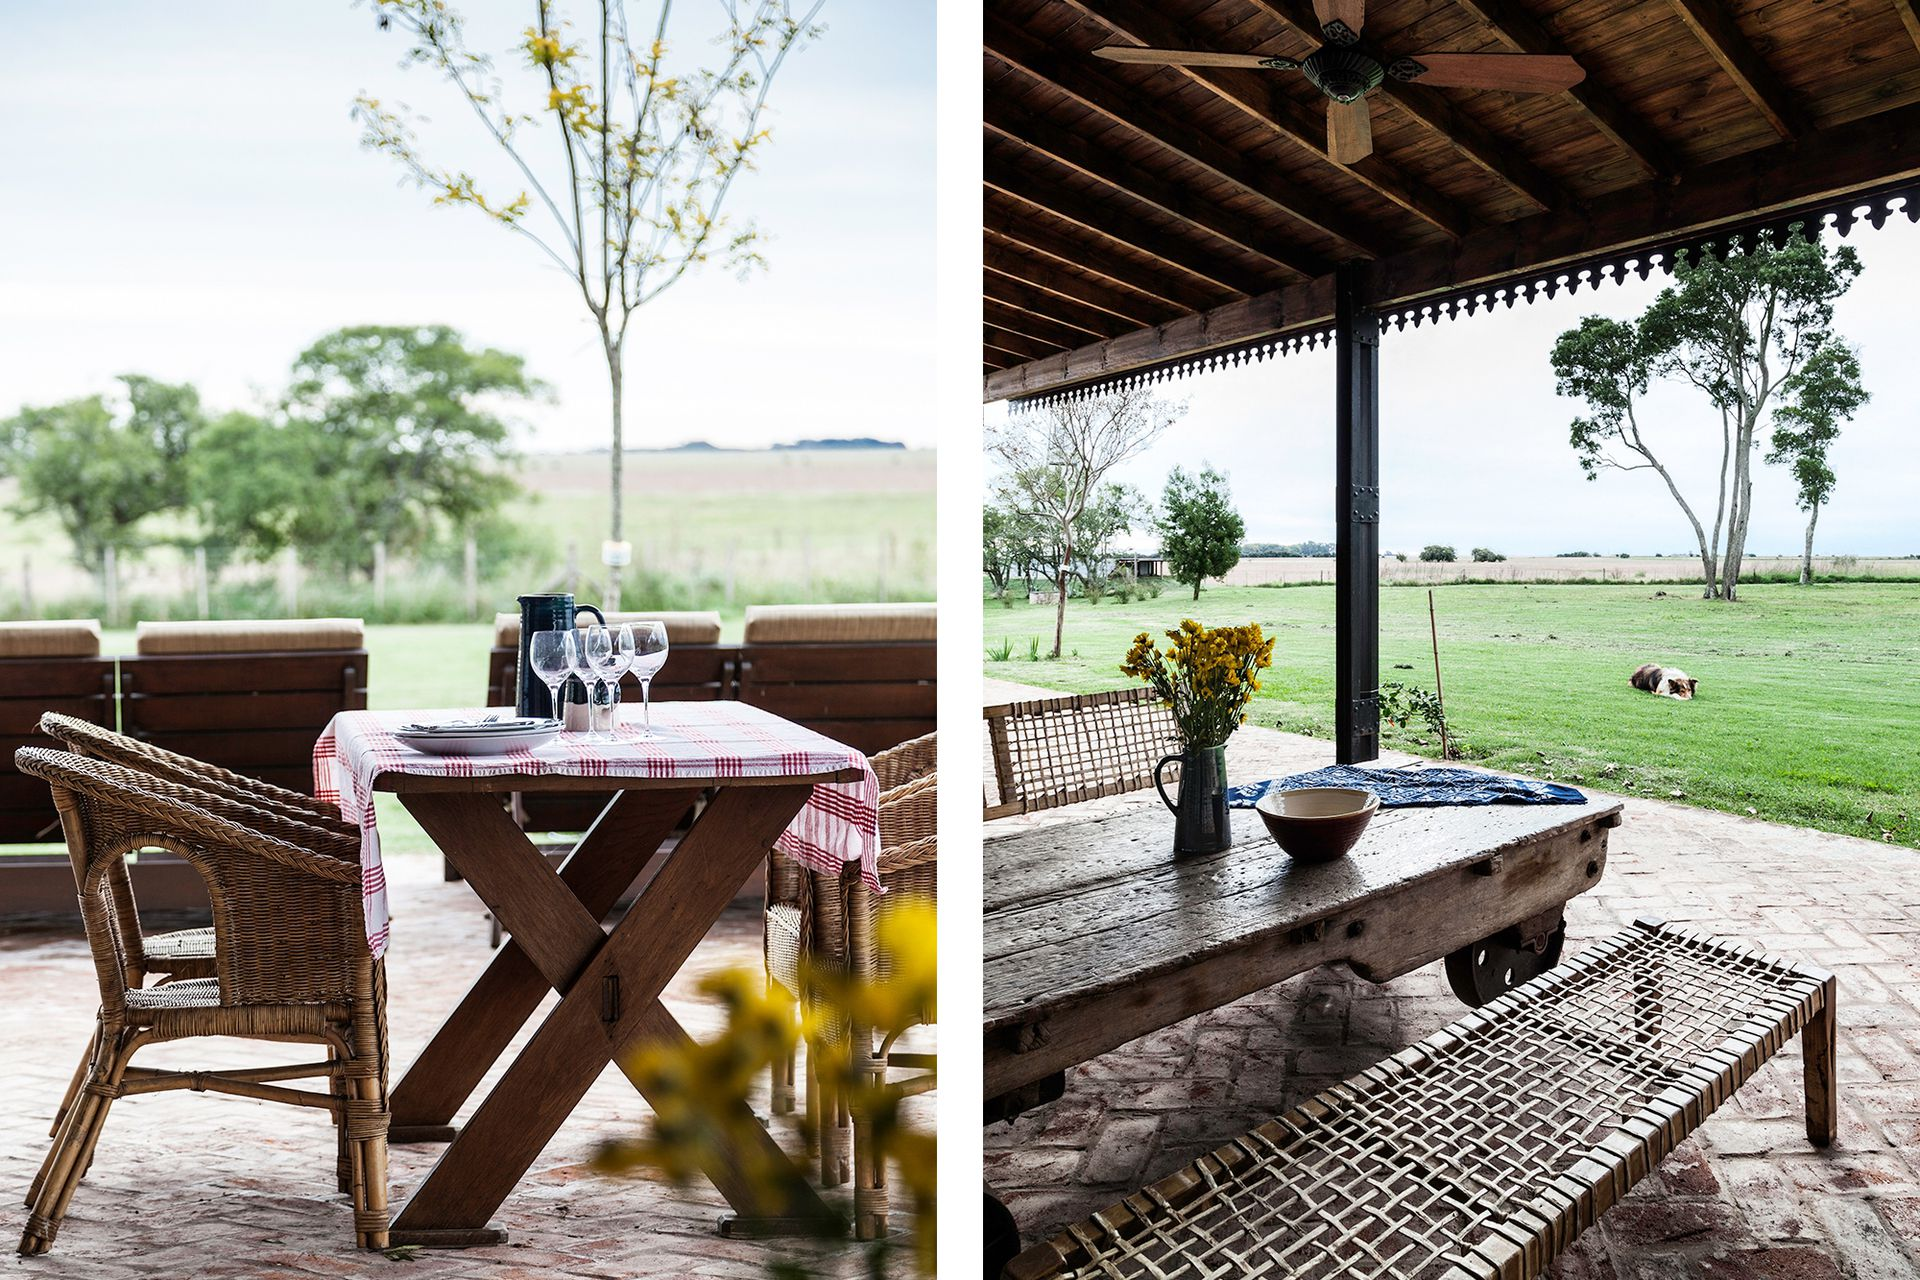 El piso de ladrillos trabados recorre todo el perímetro de la casa generando diferentes situaciones para disfrutar del entorno.